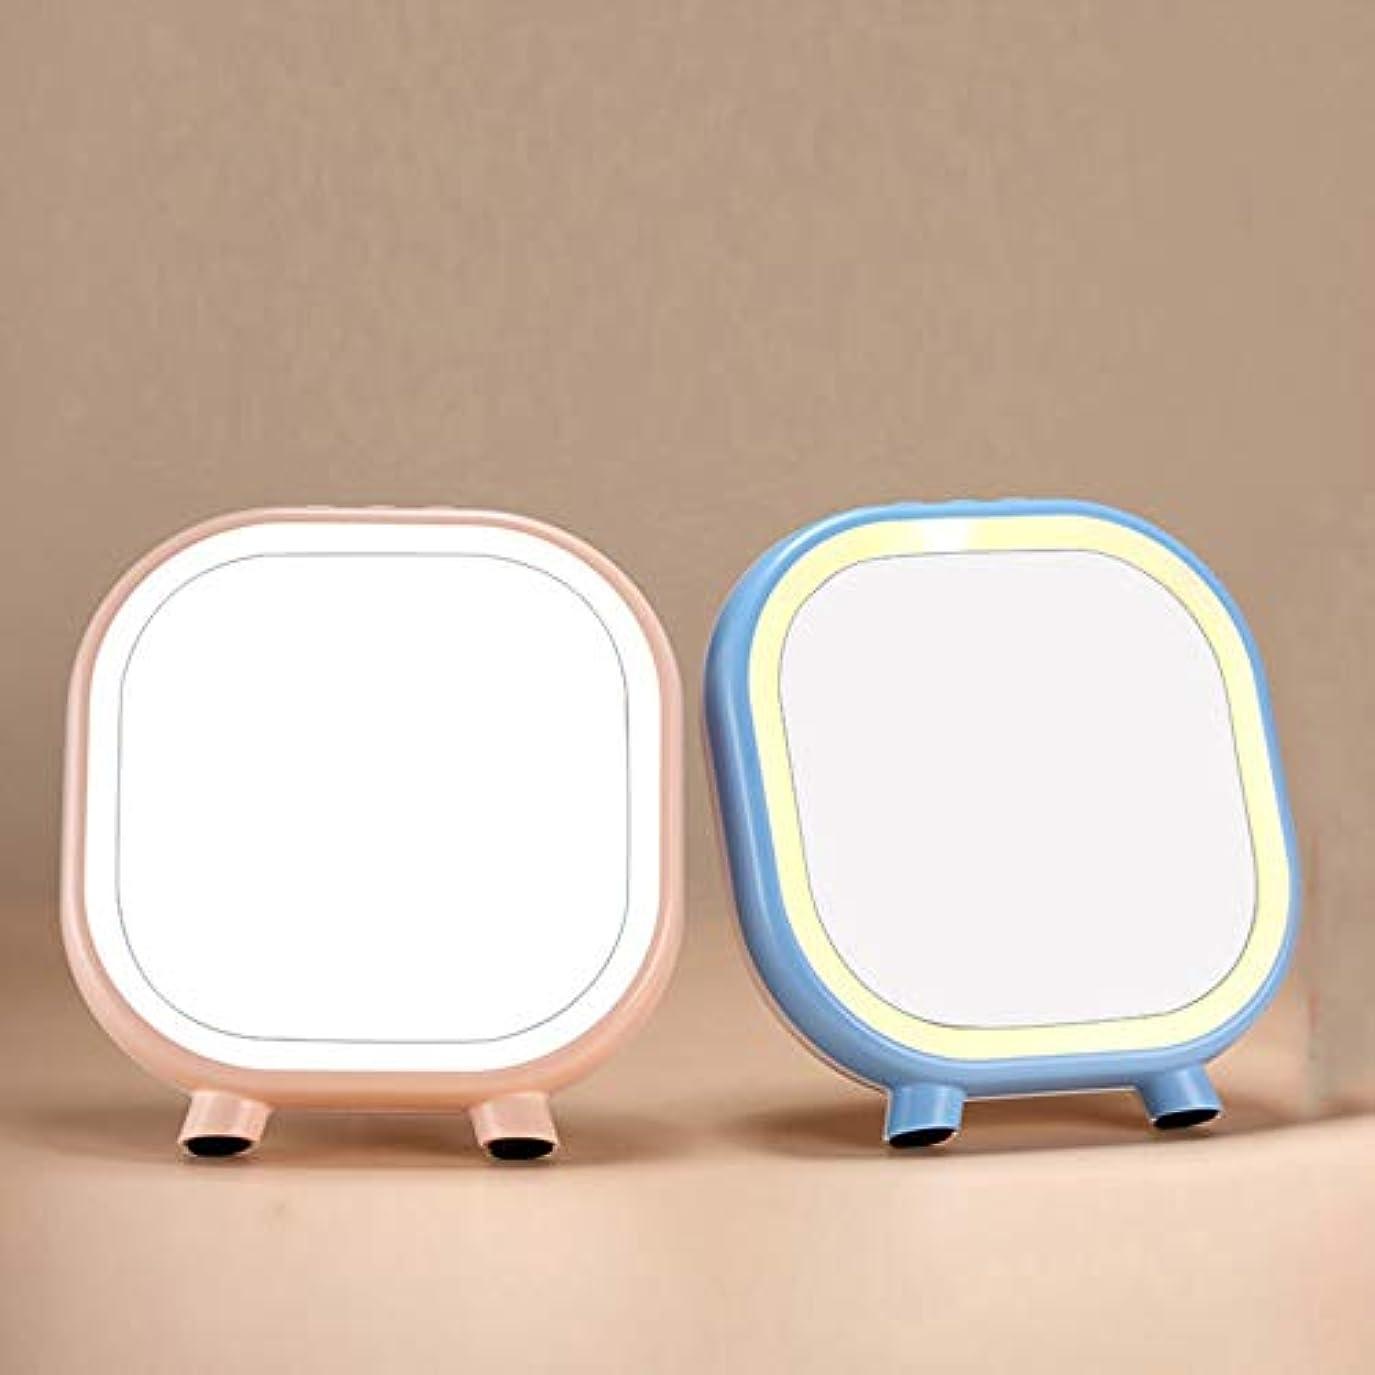 申し立てられた決定用語集流行の クリエイティブ新しいLED照明ブルートゥーススピーカー美容ミラー化粧鏡化粧鏡ABS材料2ブルーブルー (色 : Blue)